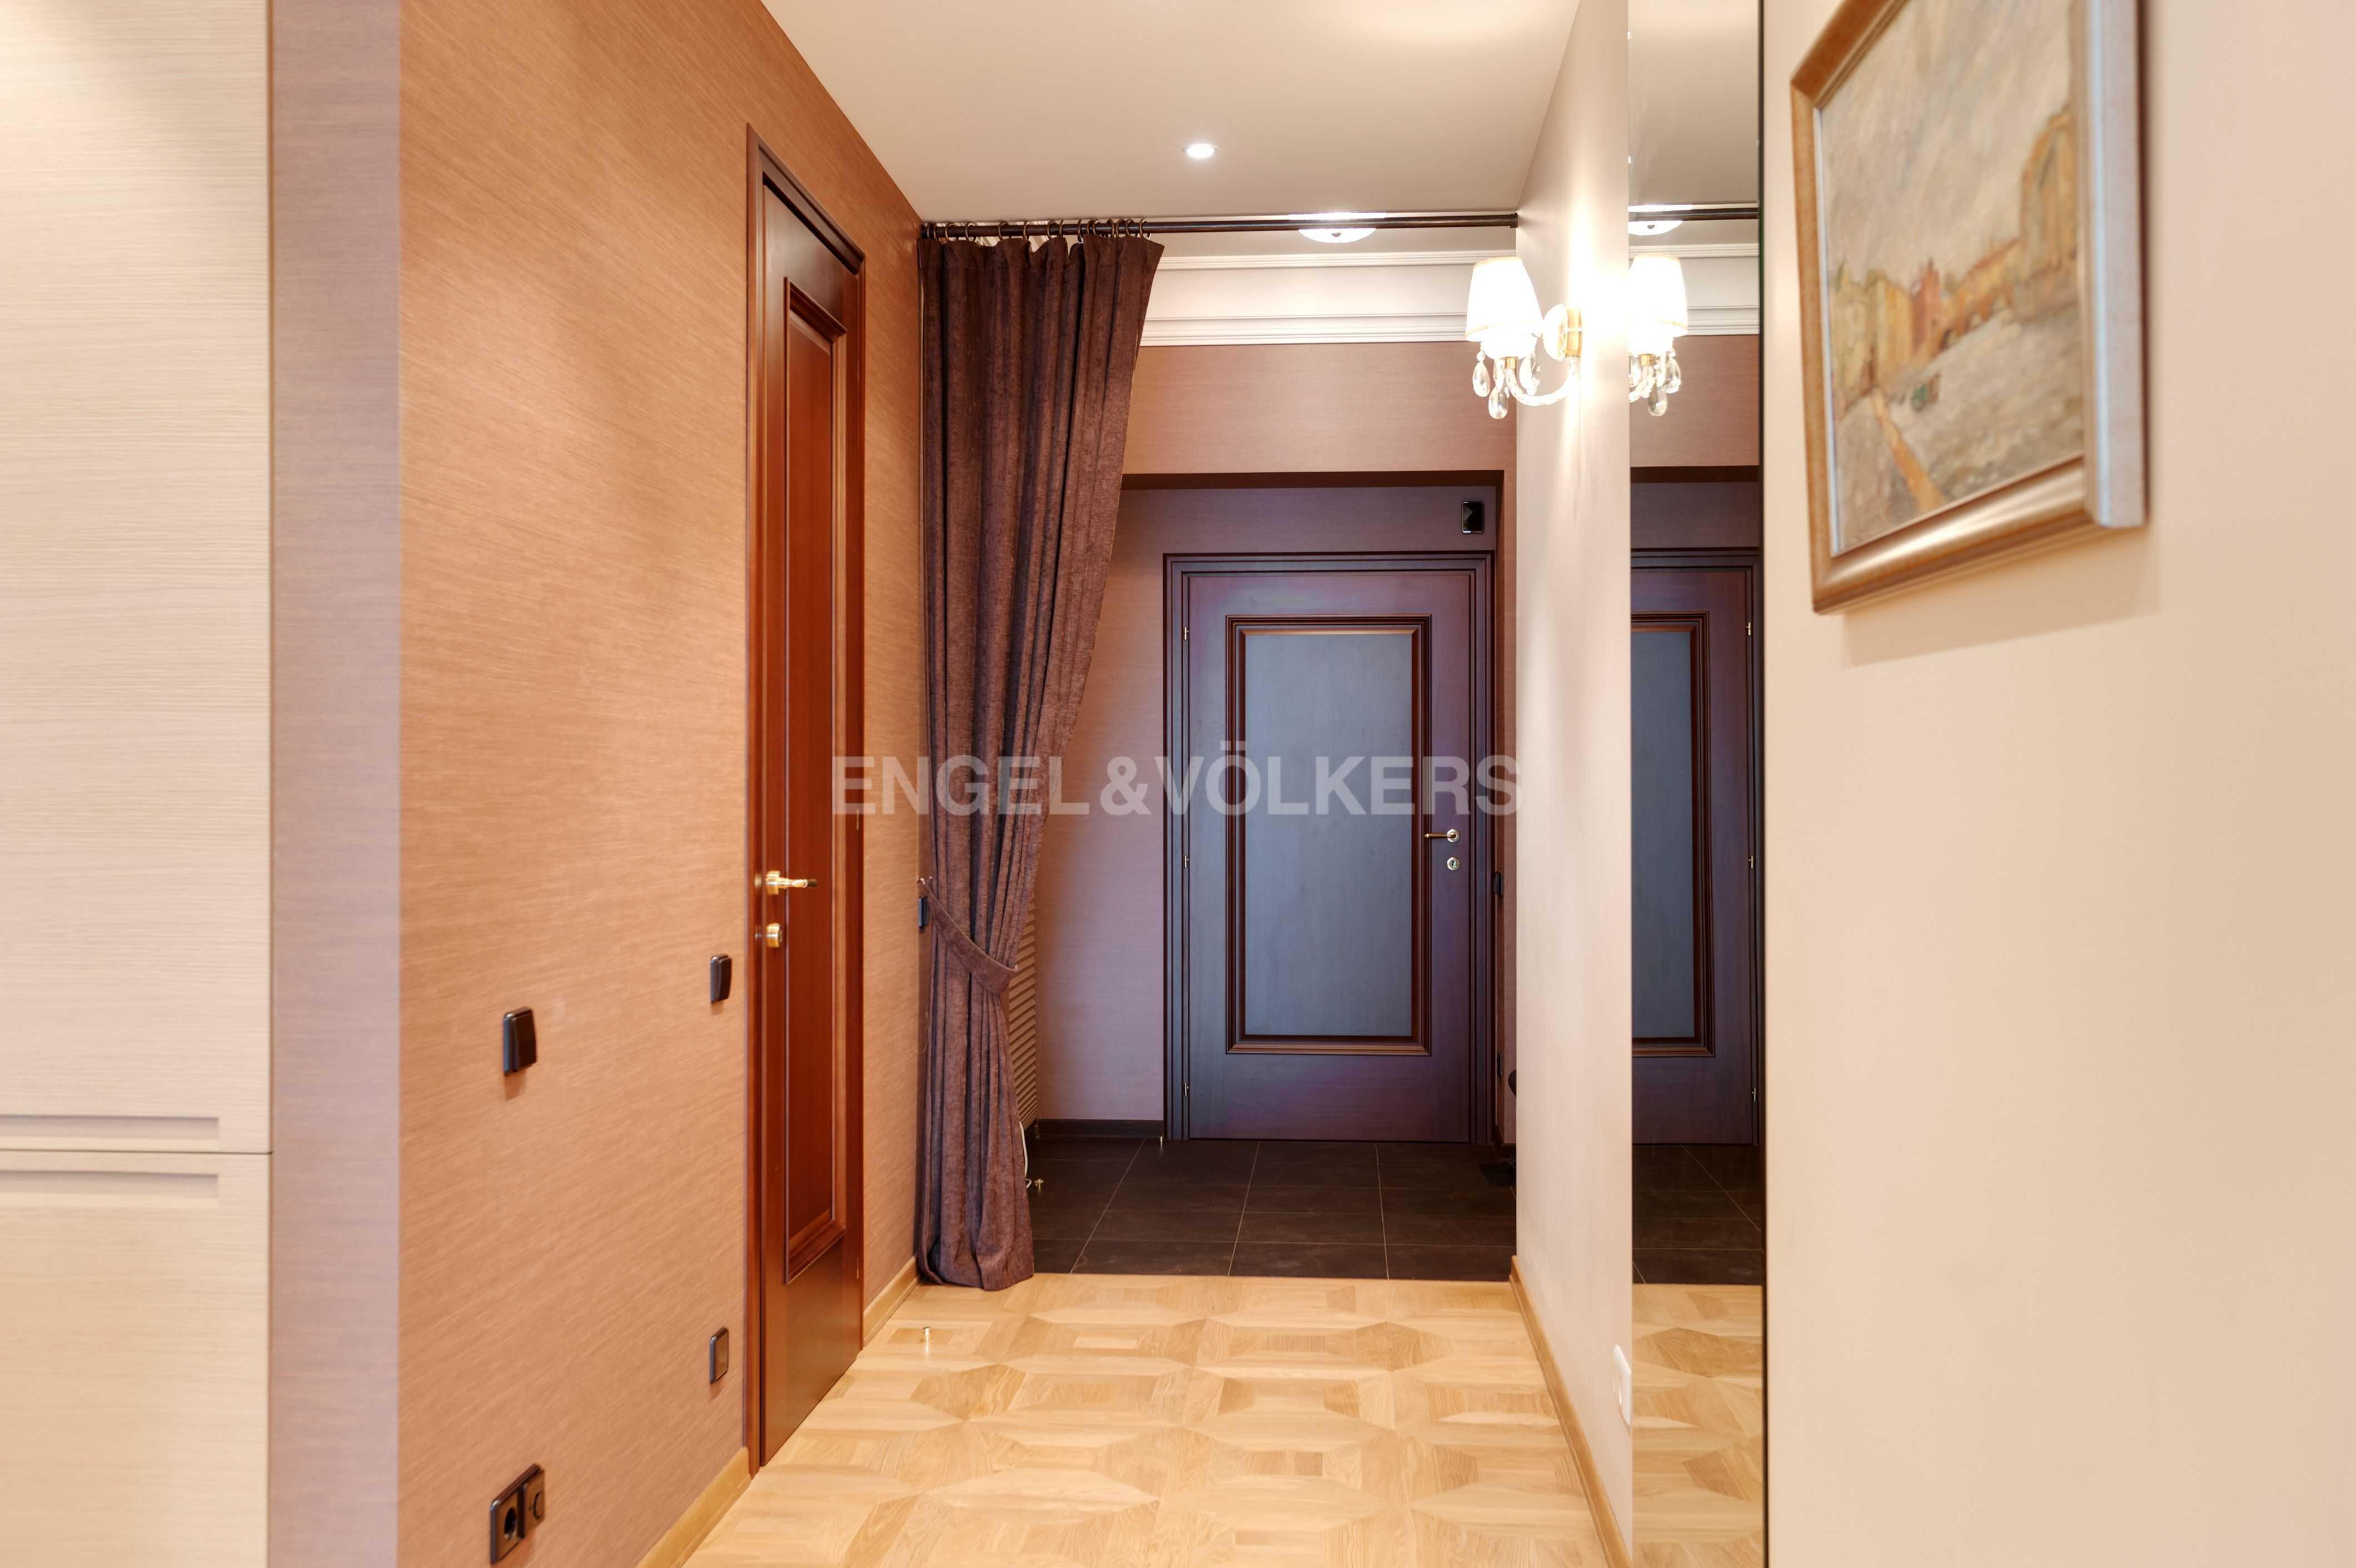 Элитные квартиры в Центральном районе. Санкт-Петербург, Тверская ул., 1A . Холл-прихожая